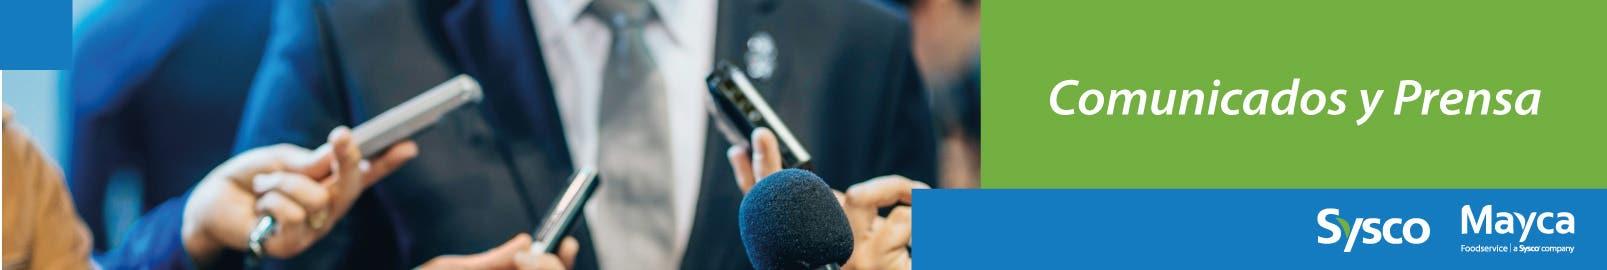 comunicados-y-prensa